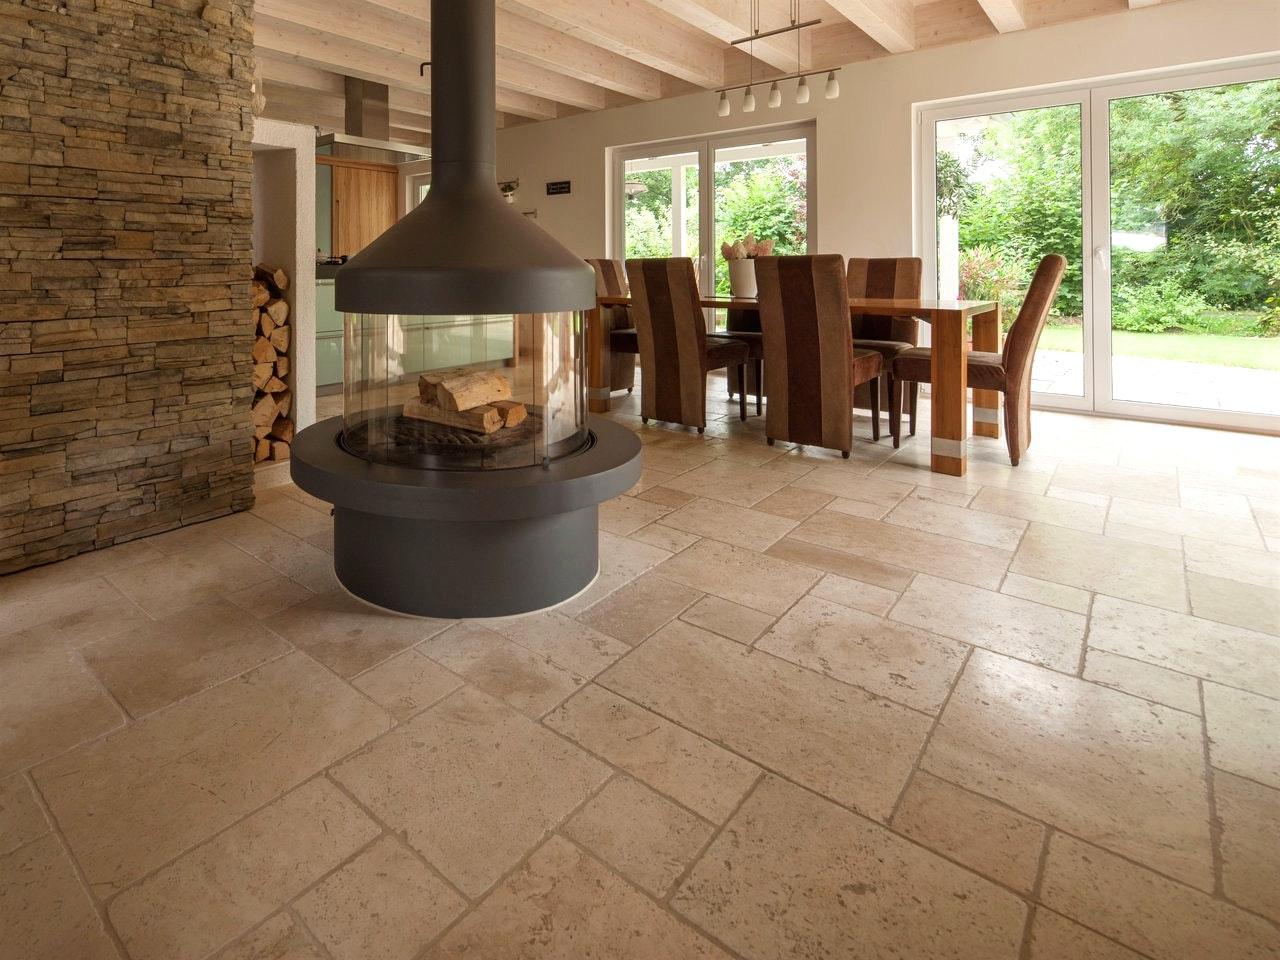 Perfekt On Wohnzimmer Mit Erstaunlich Auf Dekoideen Fur Ihr Zuhause Für 5